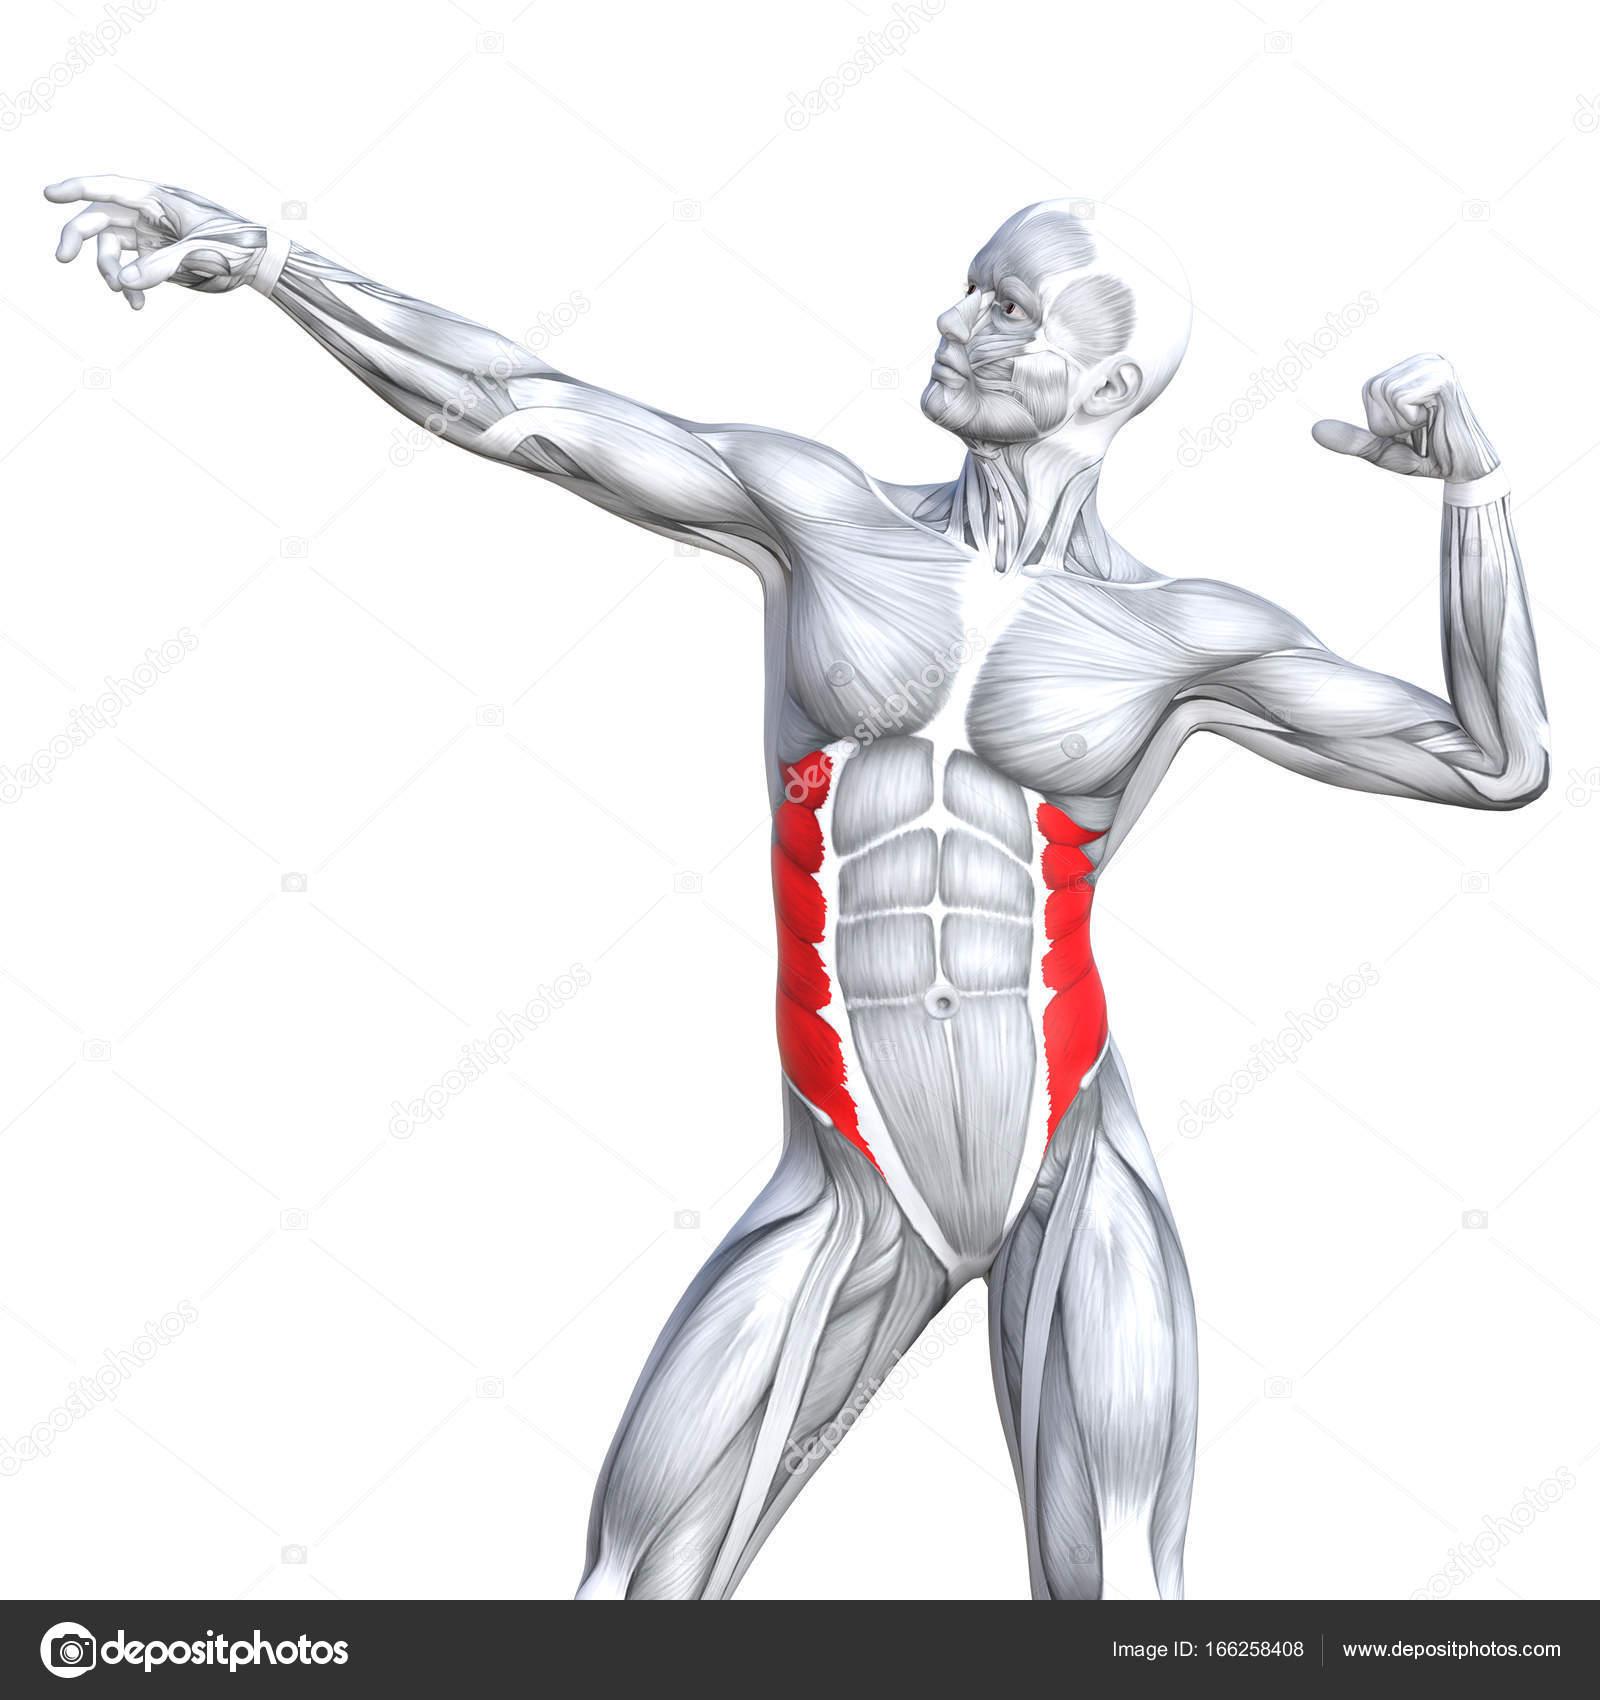 grundlegende menschliche Anatomie — Stockfoto © design36 #166258408